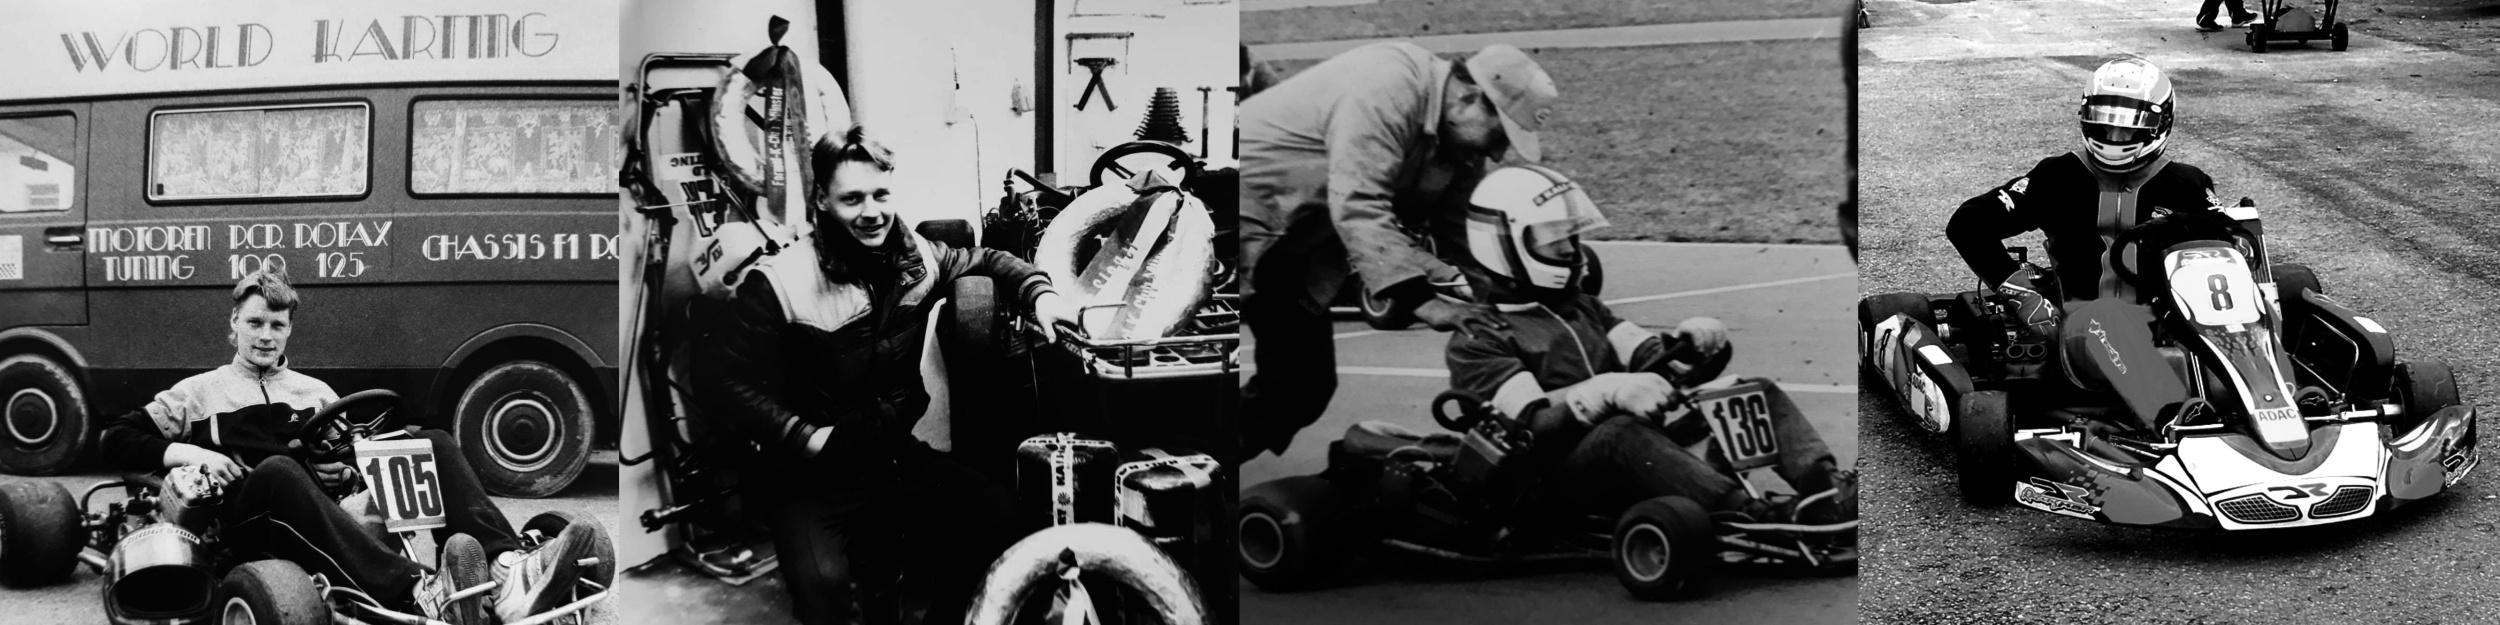 | Rausch Racing Team | Karting | Markus Rausch |